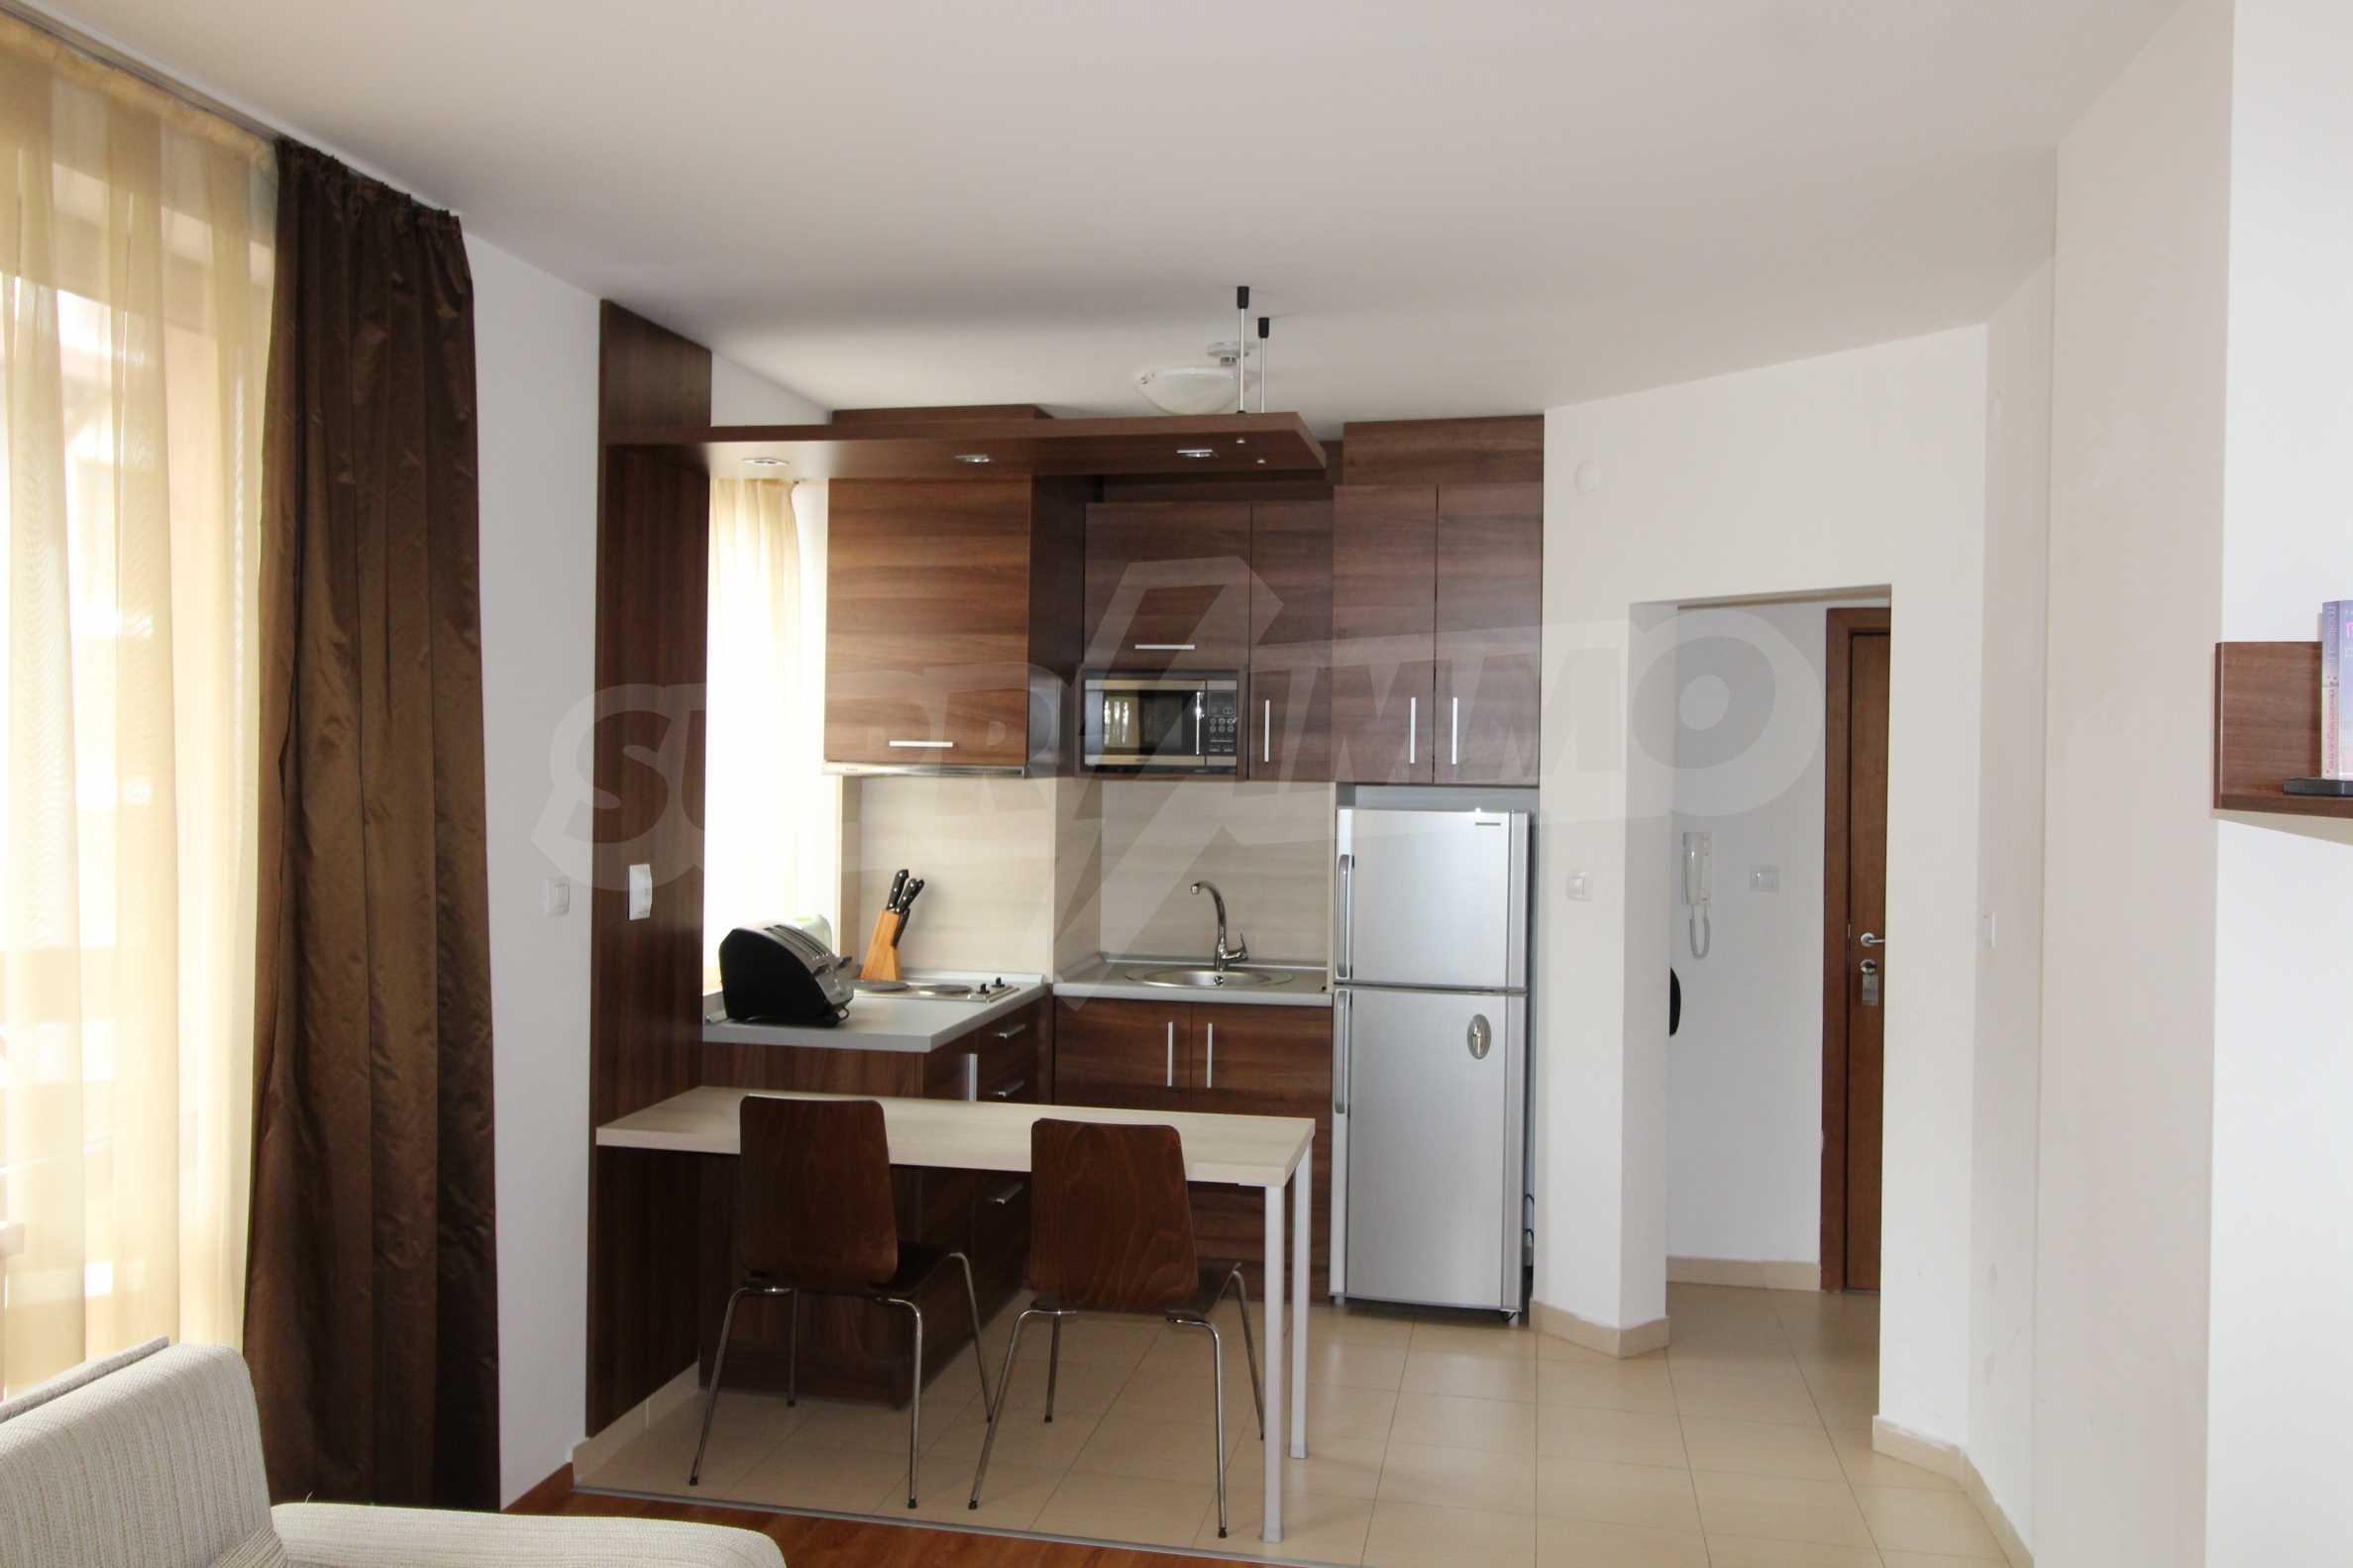 Двустаен апартамент с модерно обзавеждане в Банско 4